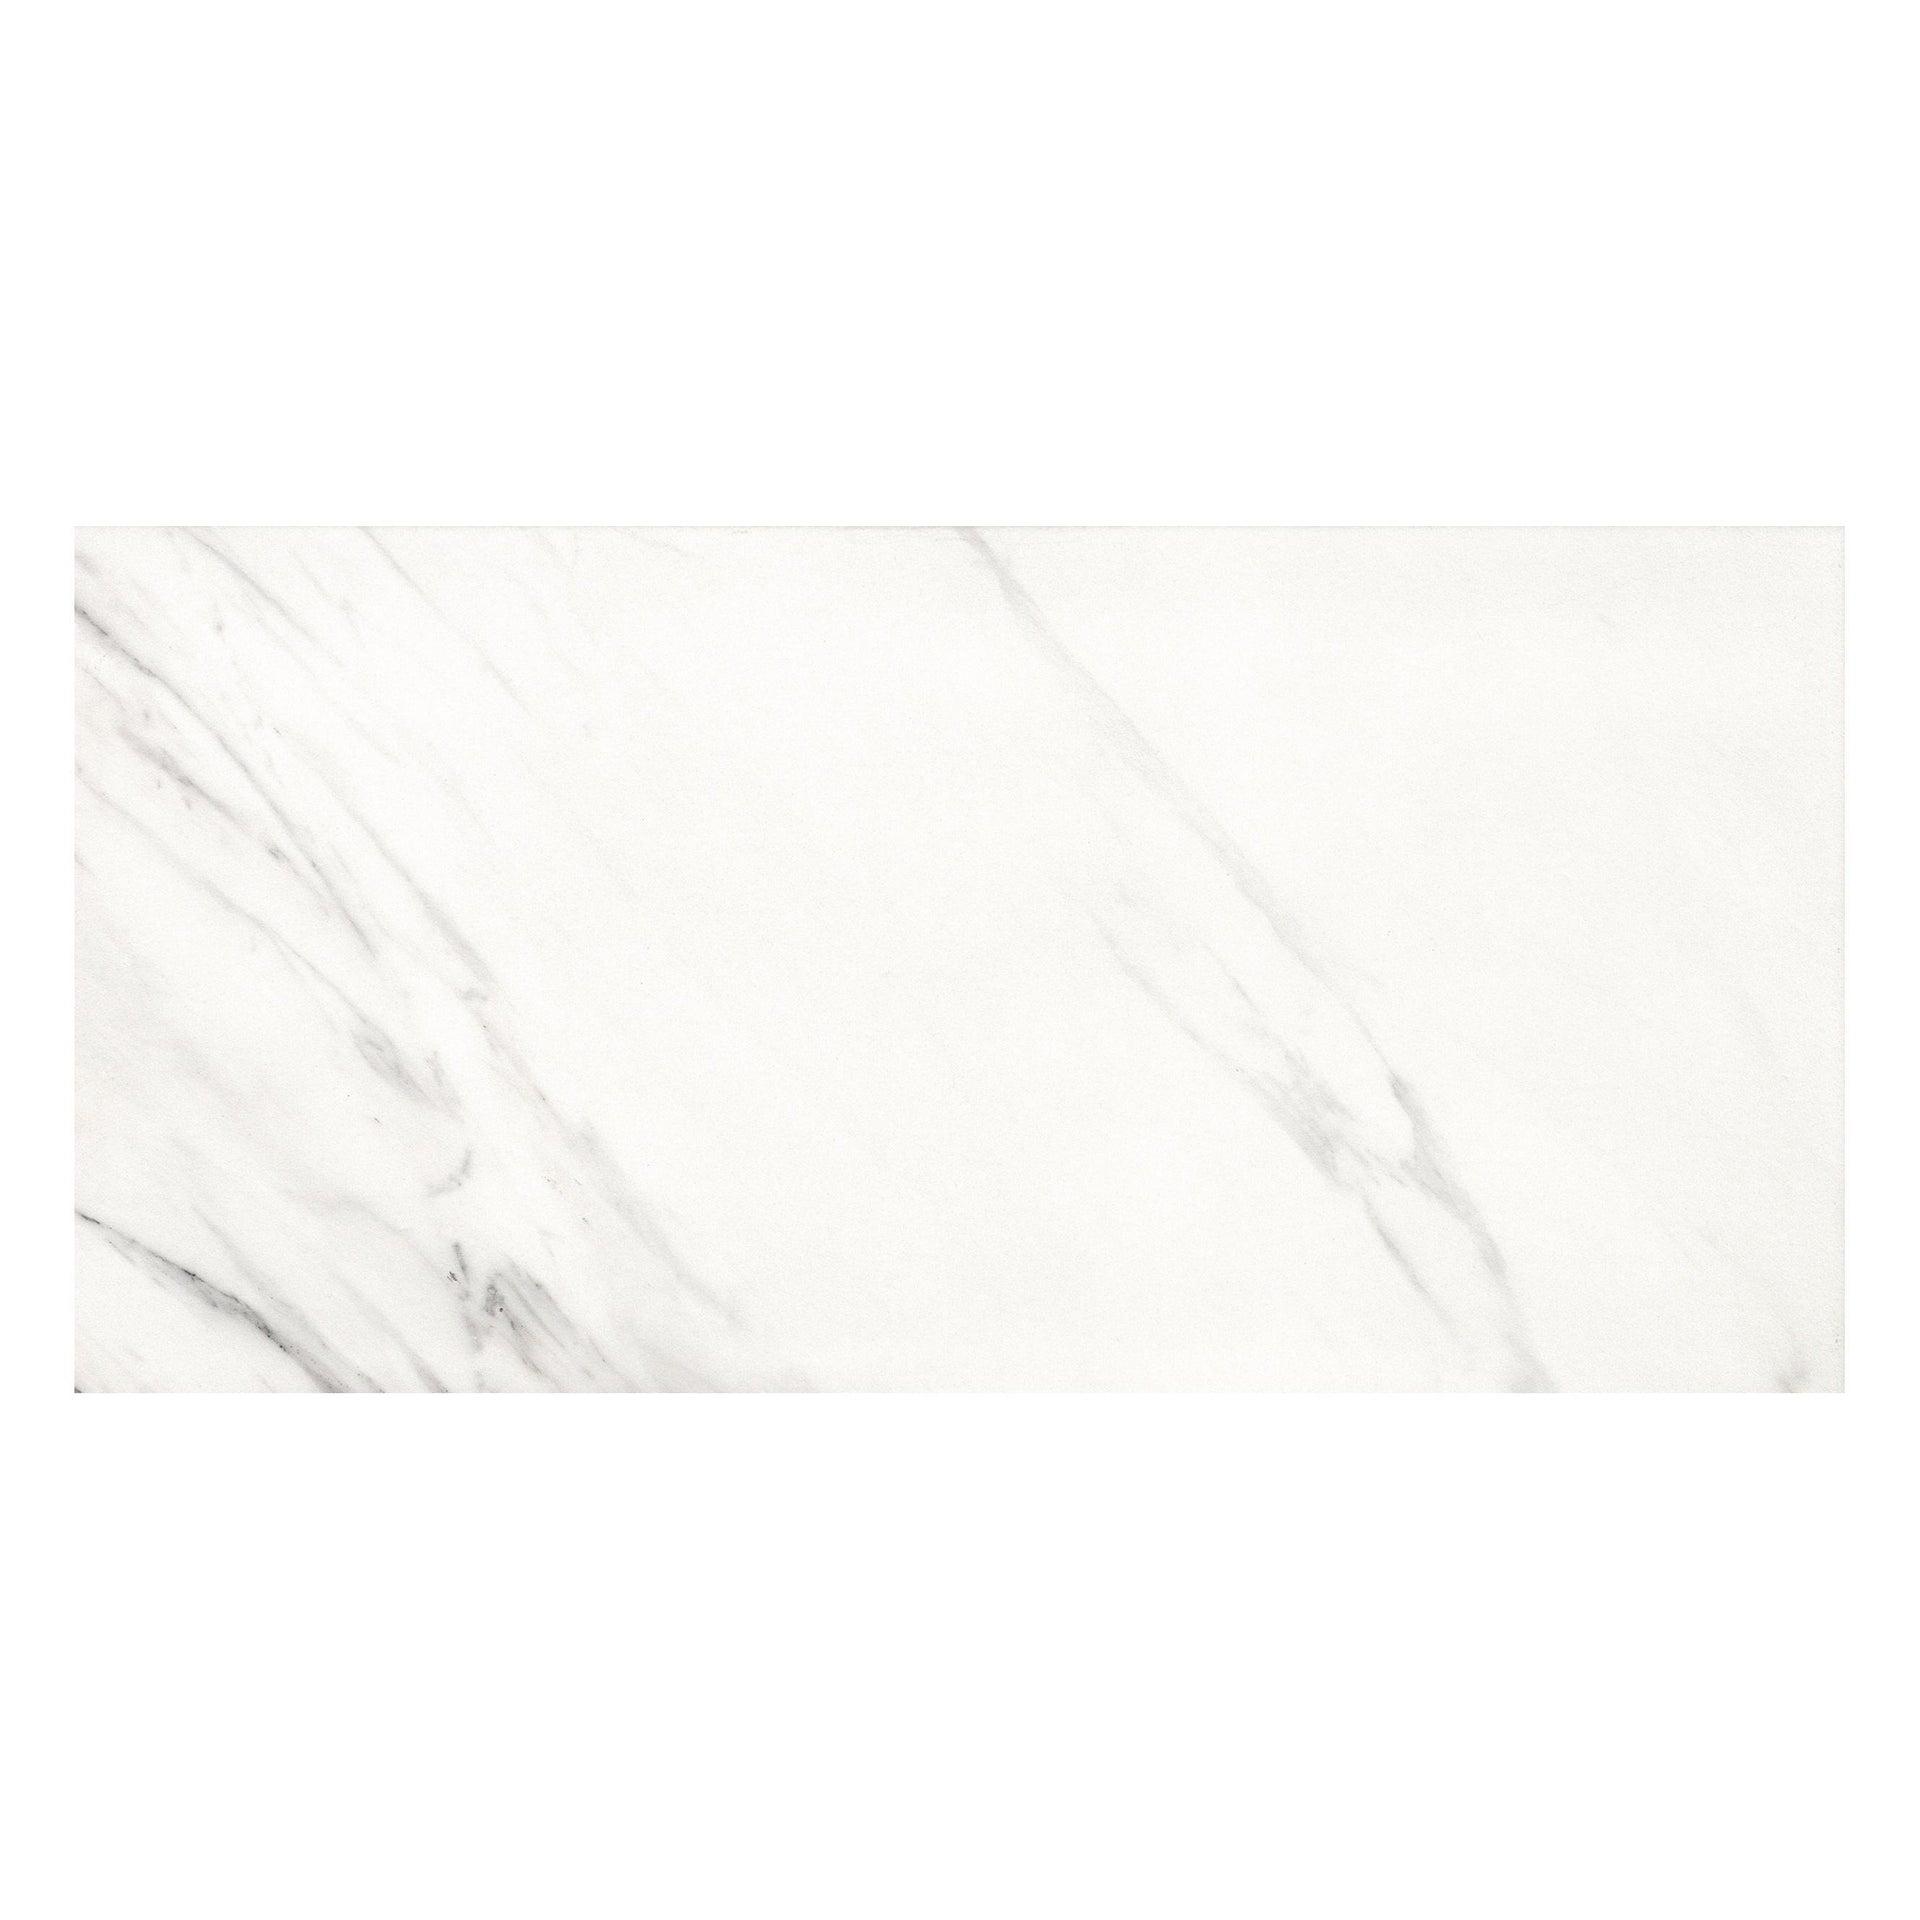 Piastrella Canalgrande 40 x 80 cm sp. 10 mm PEI 4/5 bianco - 17